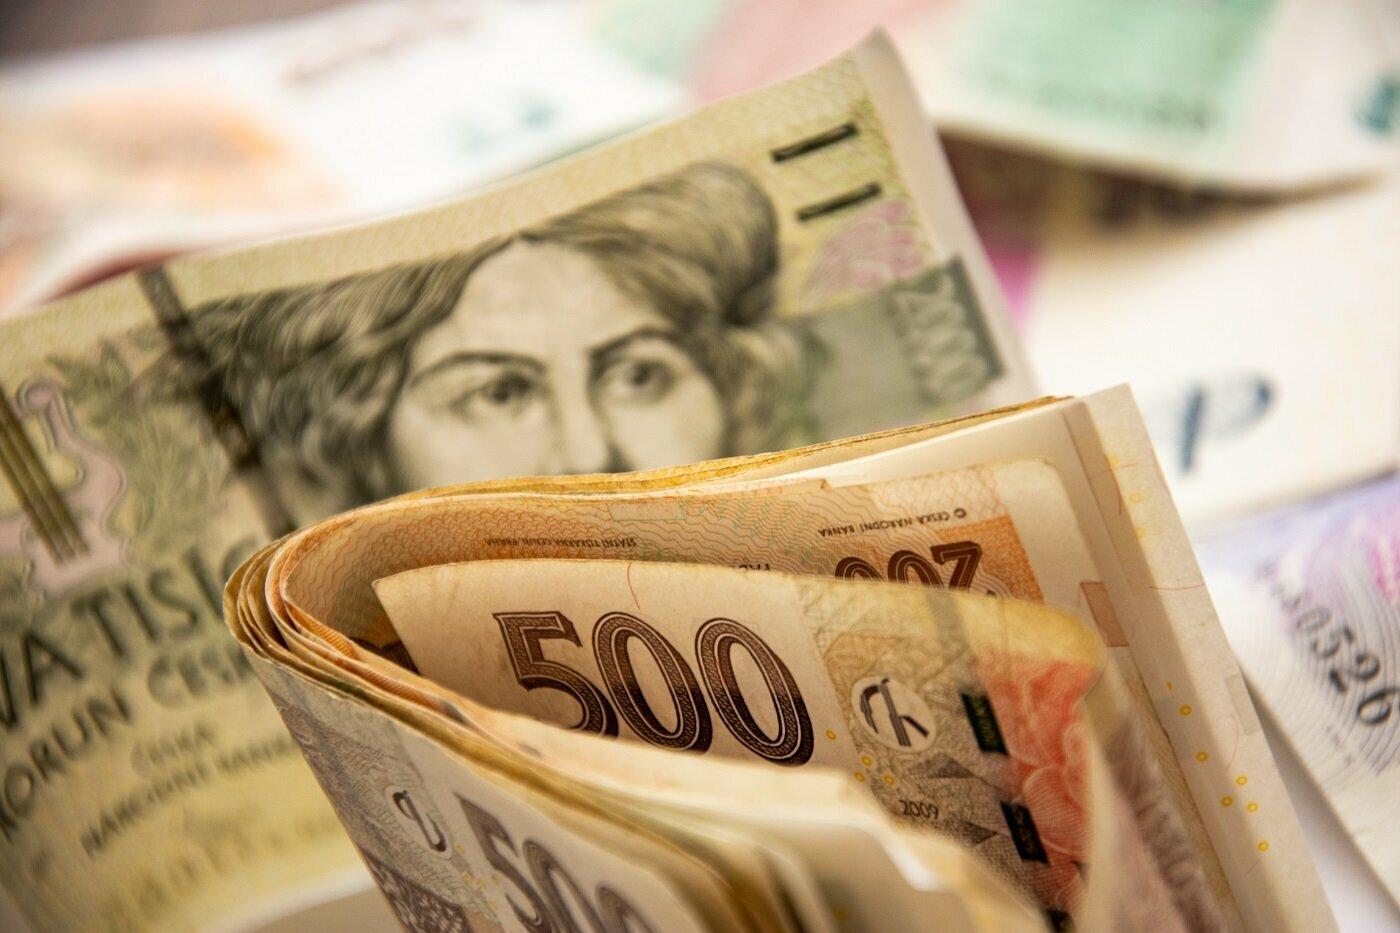 Po pandemii v Česku udeří velká inflace, varují experti. Restaurace chystají zdražení až o dvacet procent